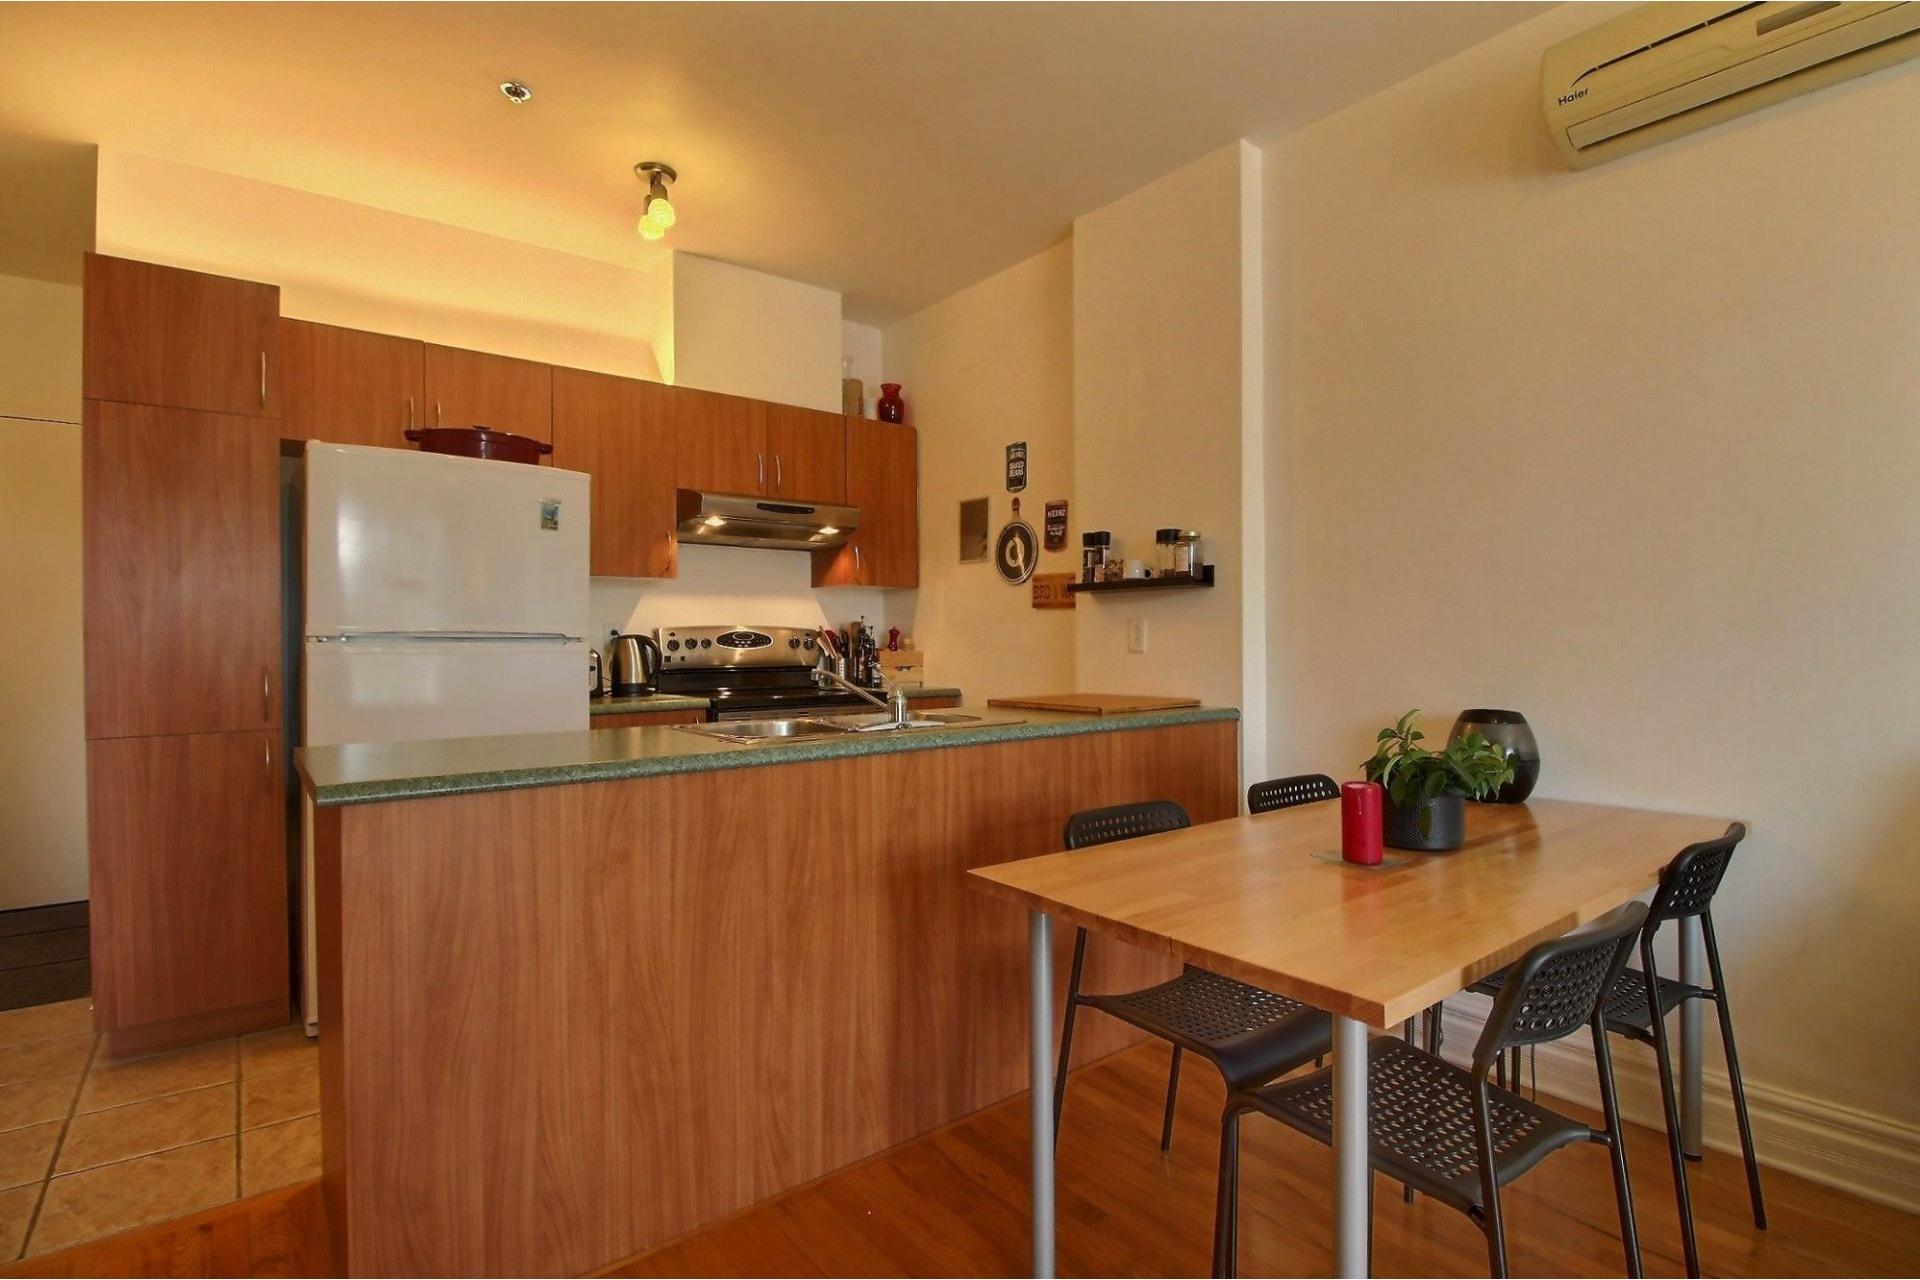 image 7 - Appartement À vendre Le Plateau-Mont-Royal Montréal  - 3 pièces